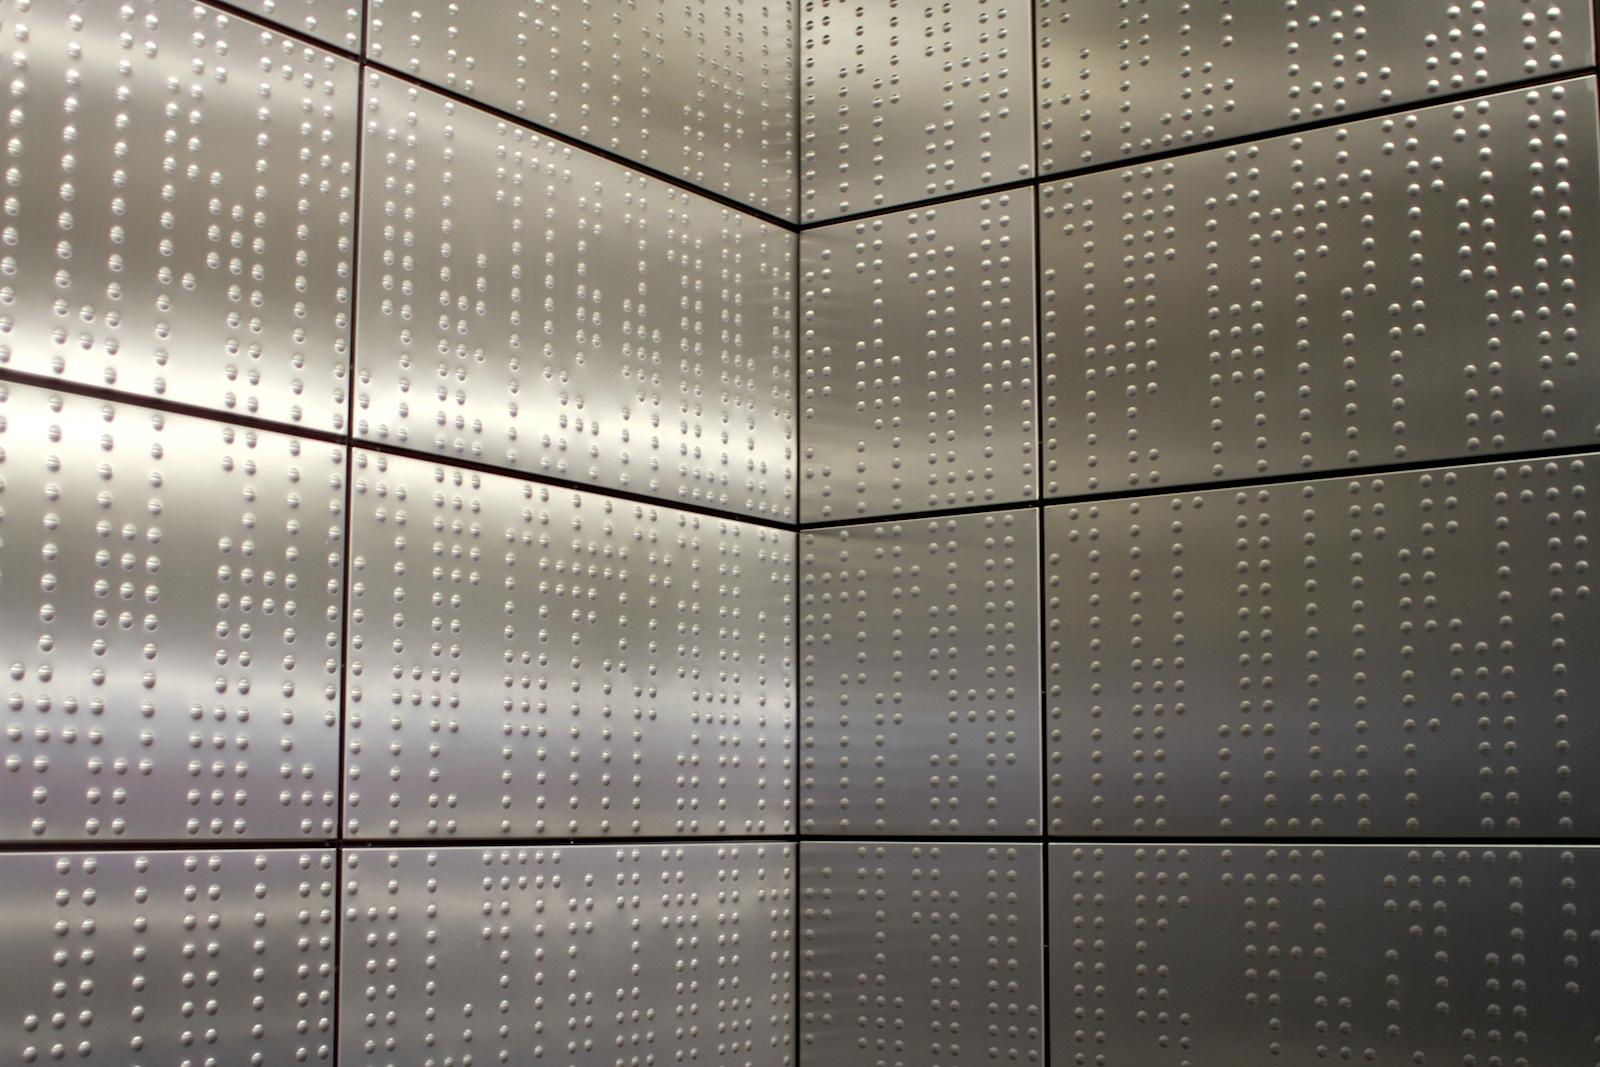 Station Benrather Straße.  Die Prägung der Wandverkleidung setzt sich aus vertikalen Punktreihen zusammen.